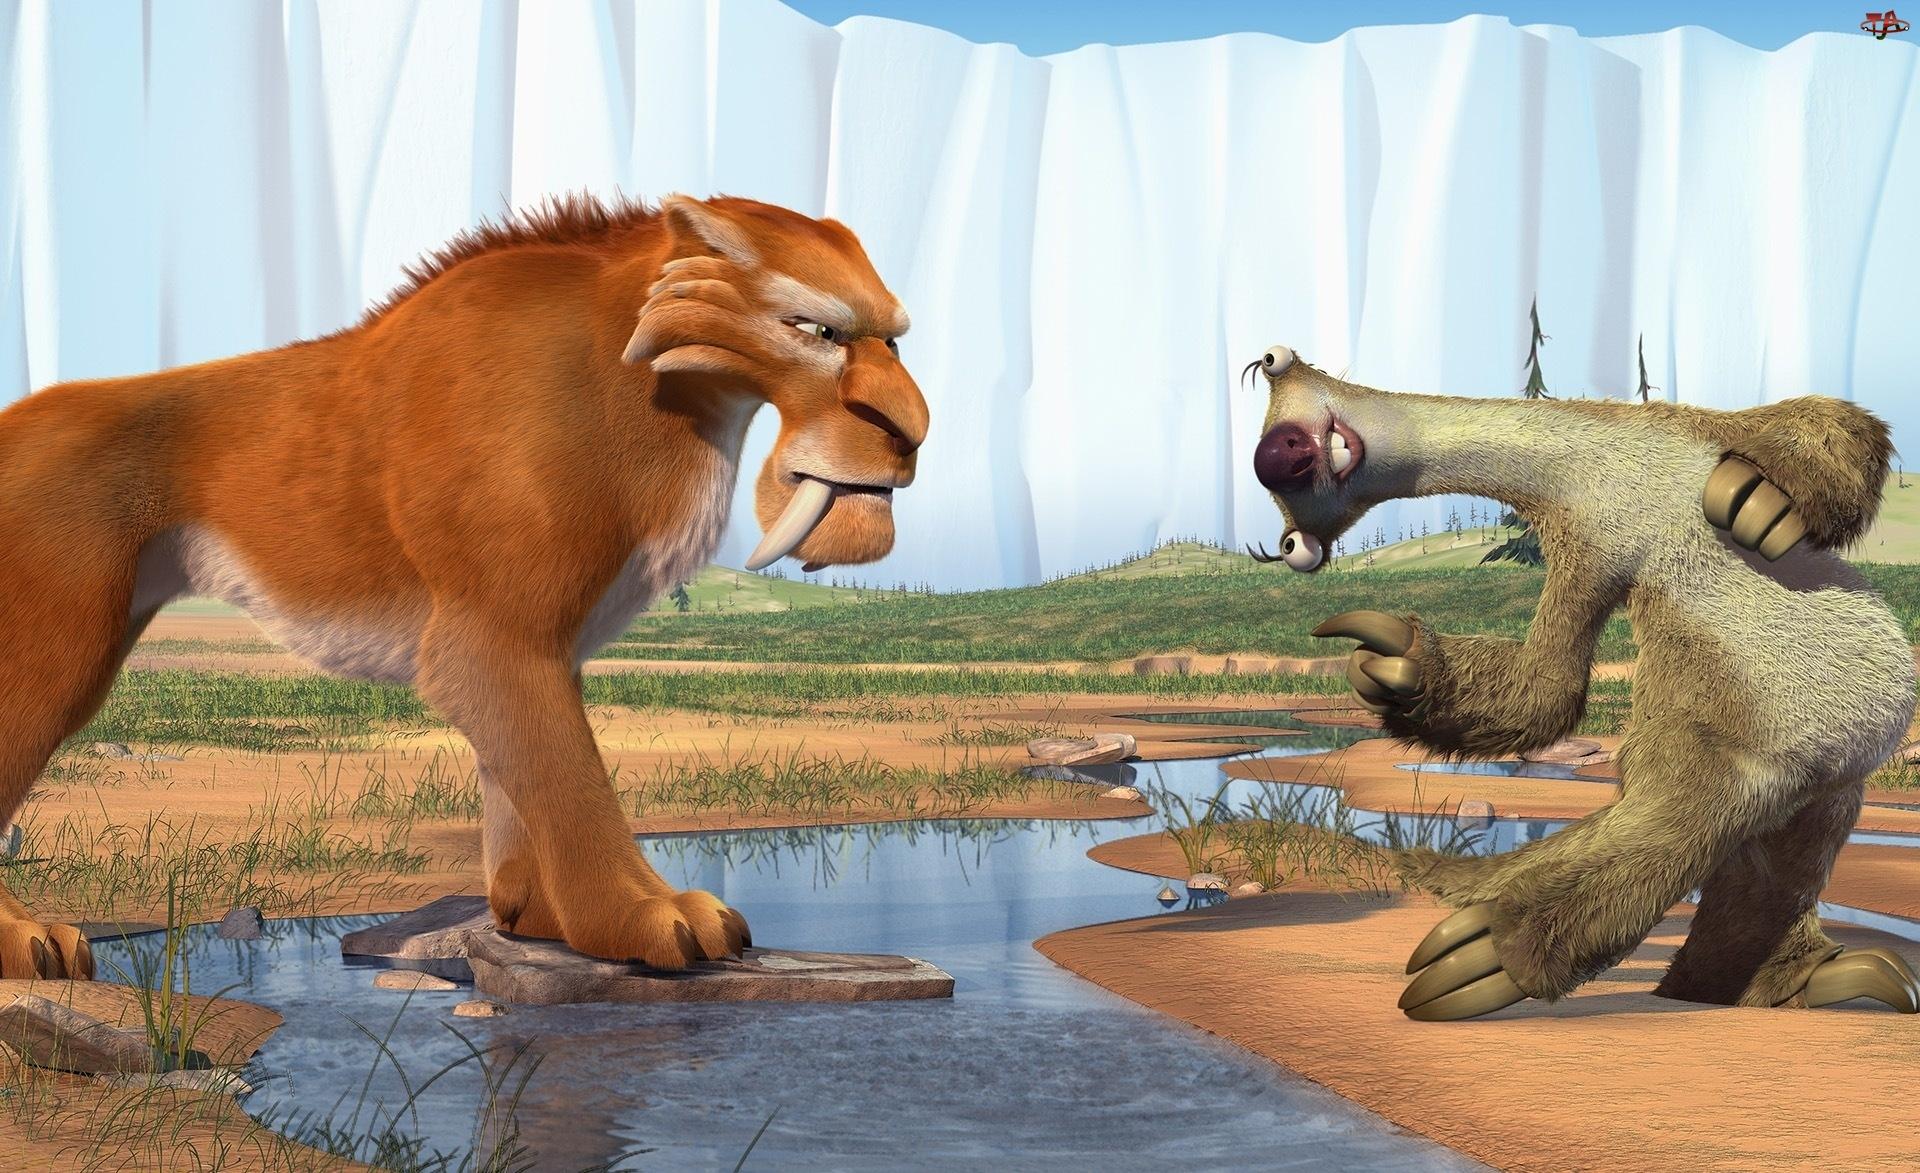 Tygrys, Epoka lodowcowa 2, Ice Age, Leniwiec